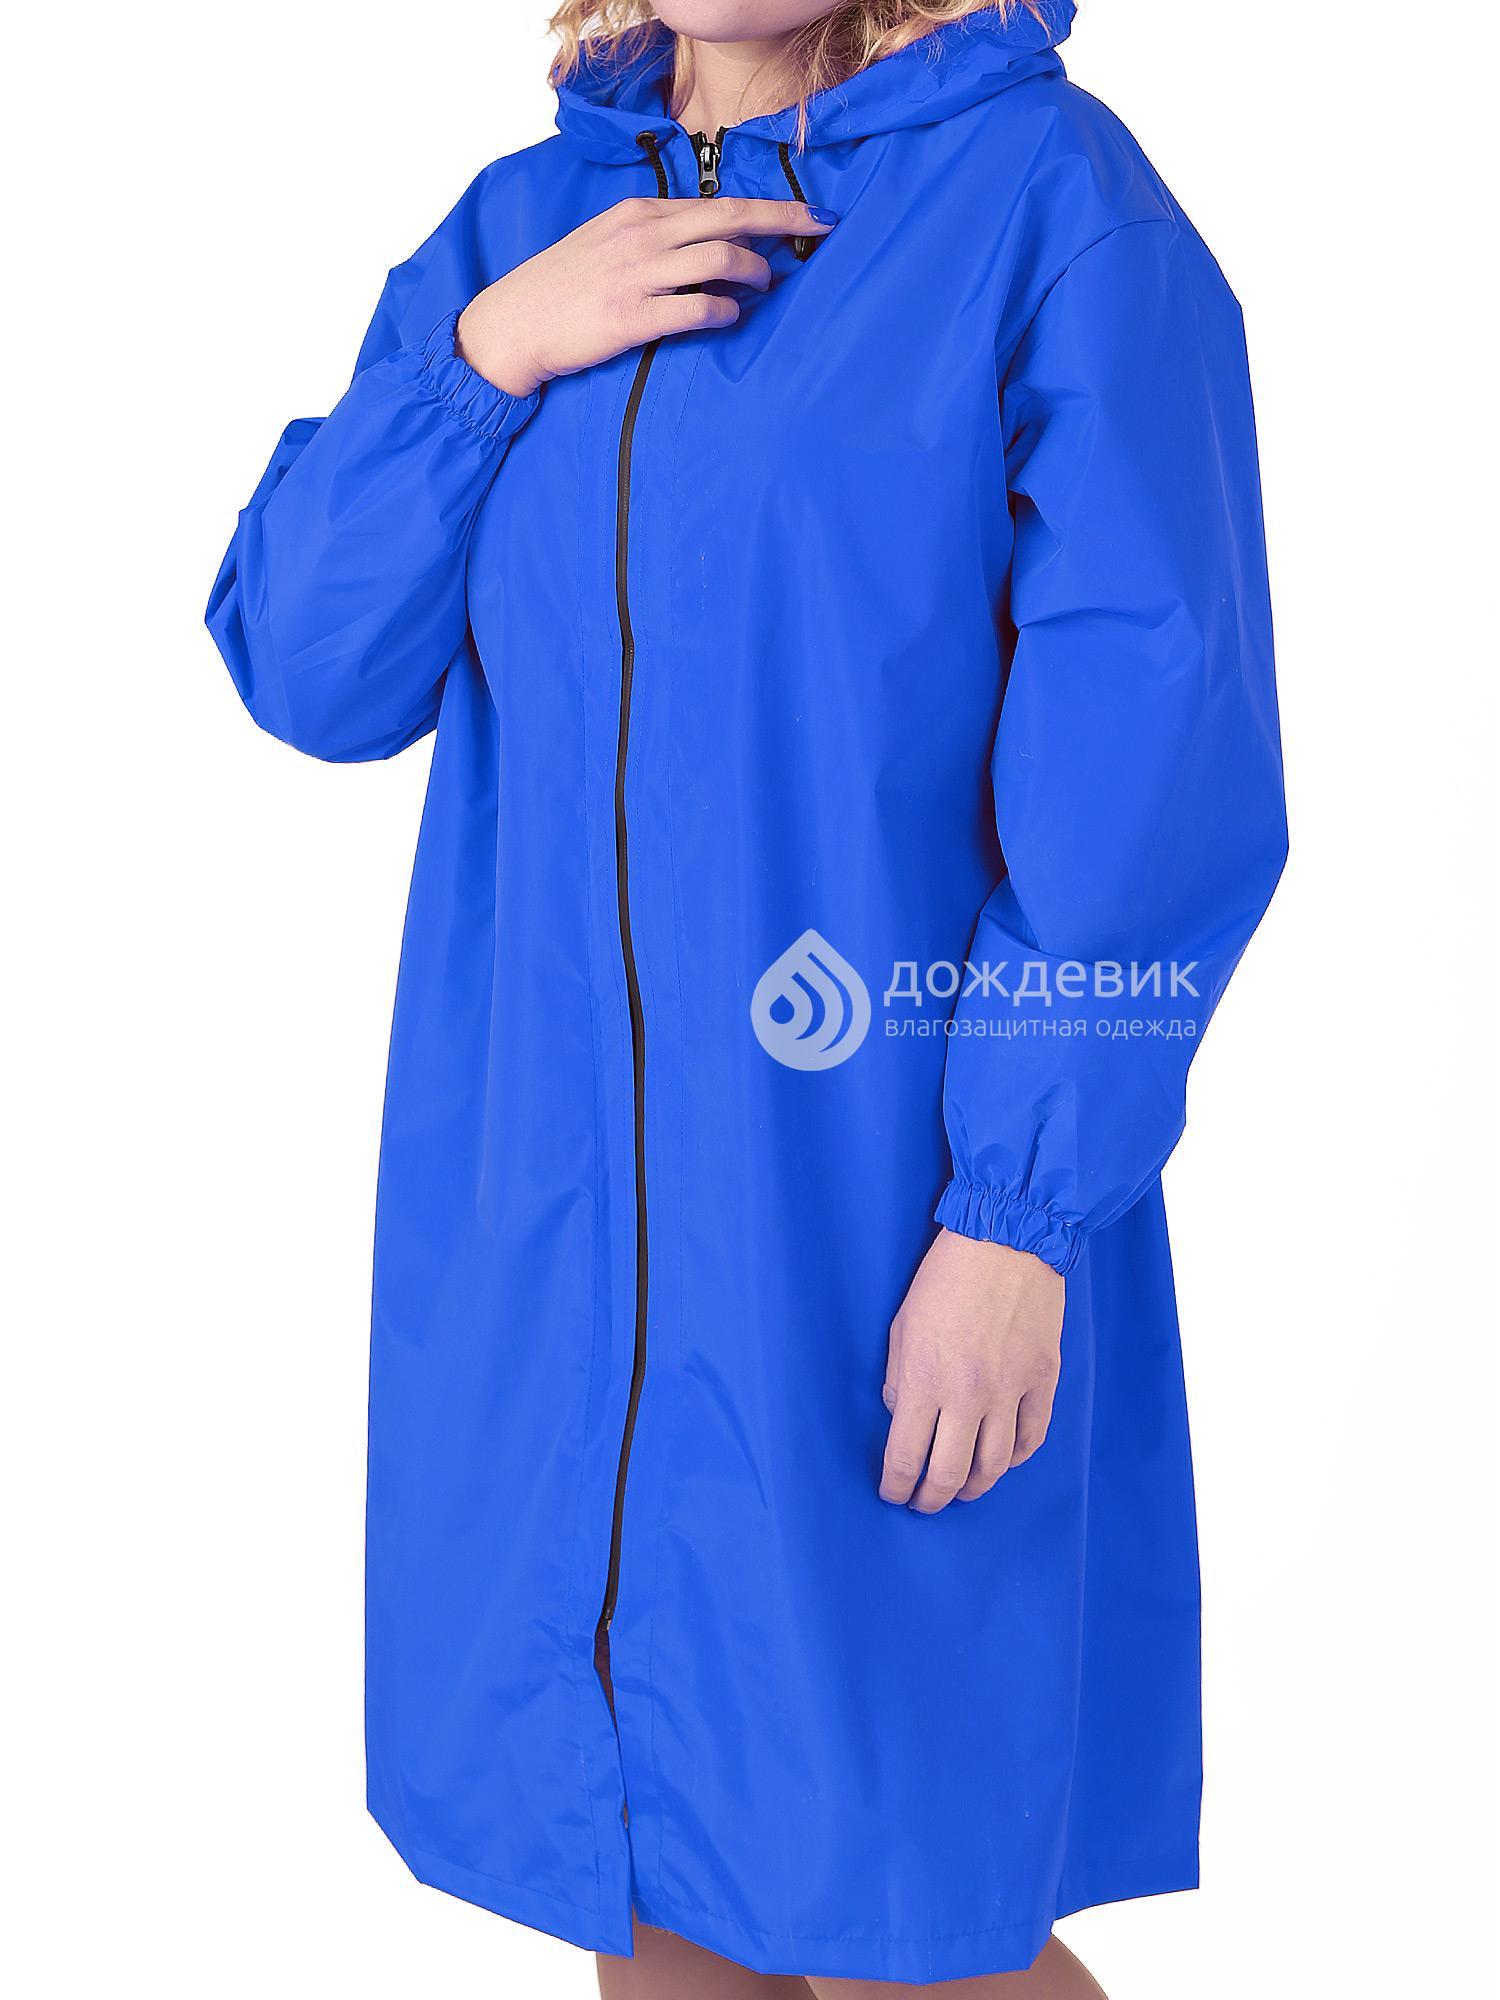 Плащ-дождевик из водонепроницаемой ткани синий